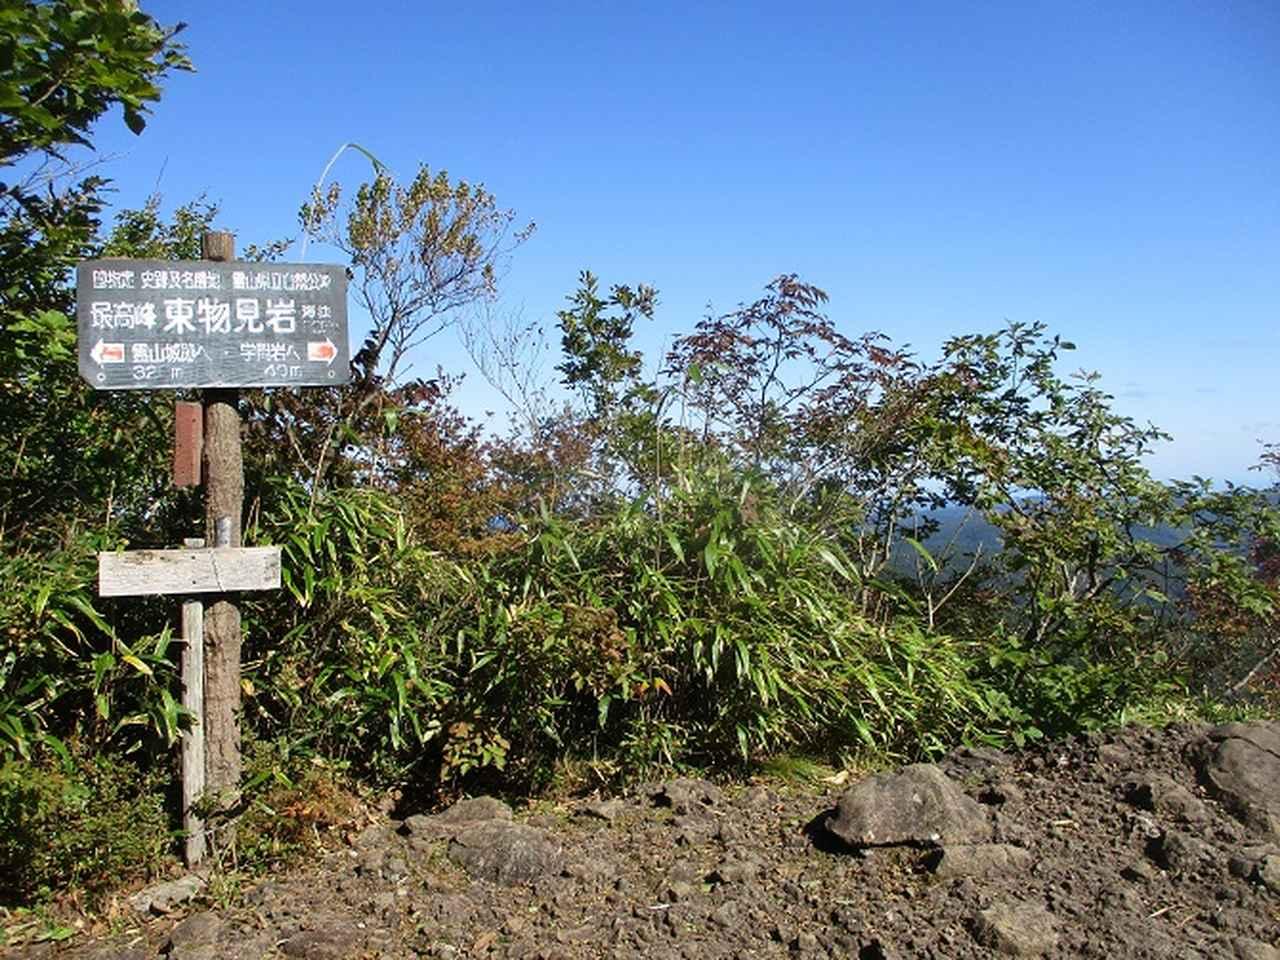 画像9: 11月の山旅会少人数ツアー 「霊山(りょうぜん)」 の下見にいってきました!